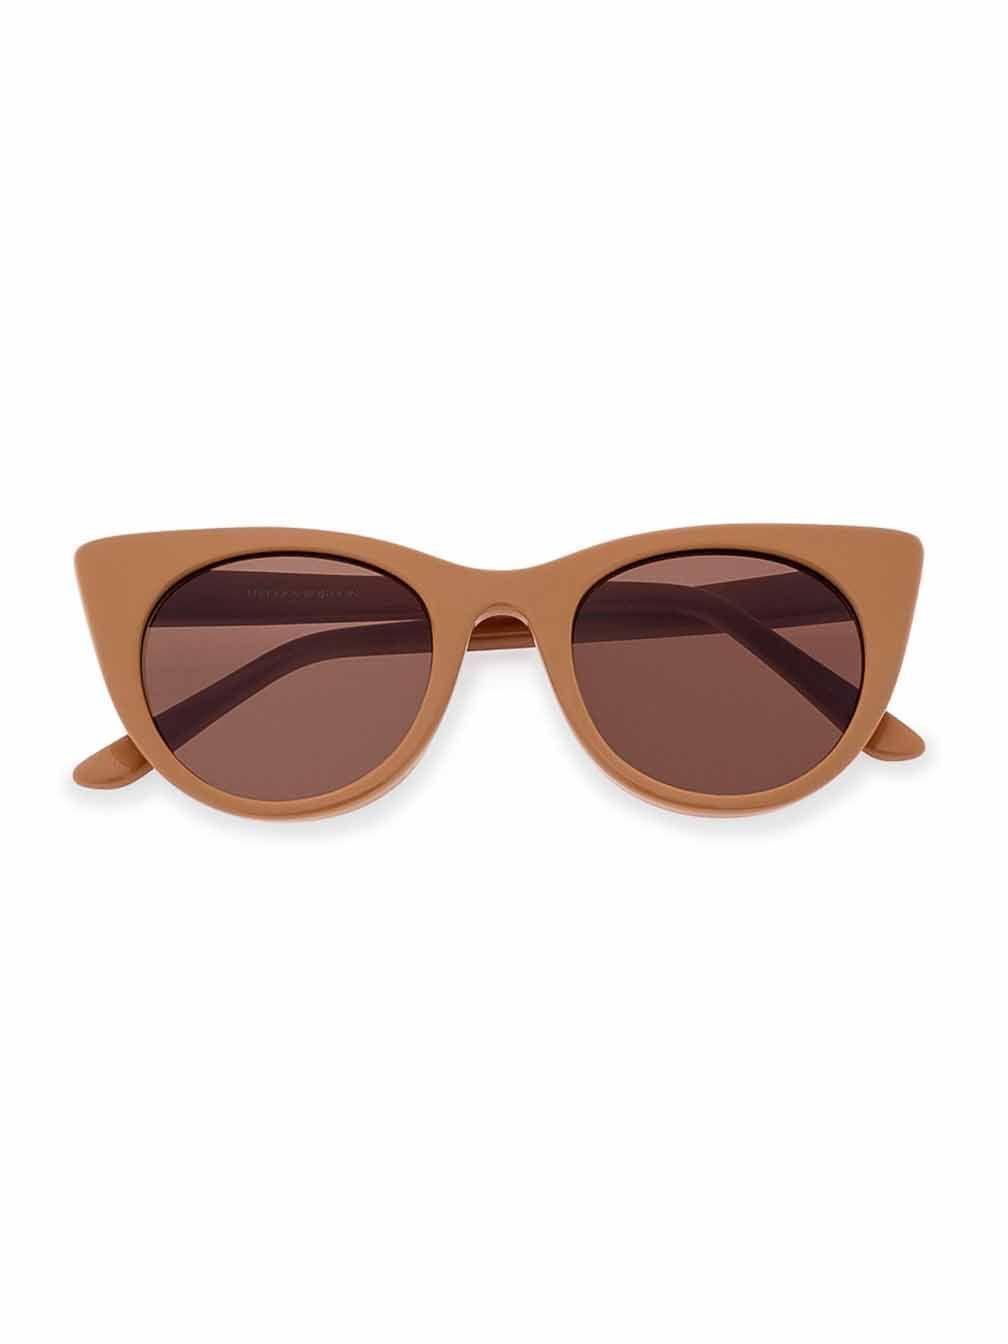 Óculos Doshow Caramelo Lente Marrom   Óculos Helena Bordon Doshow Caramelo  Lente Marrom Material da armação  Acetato Cor da armação  Caramelo Cor da  haste  ... 410e4bbe48